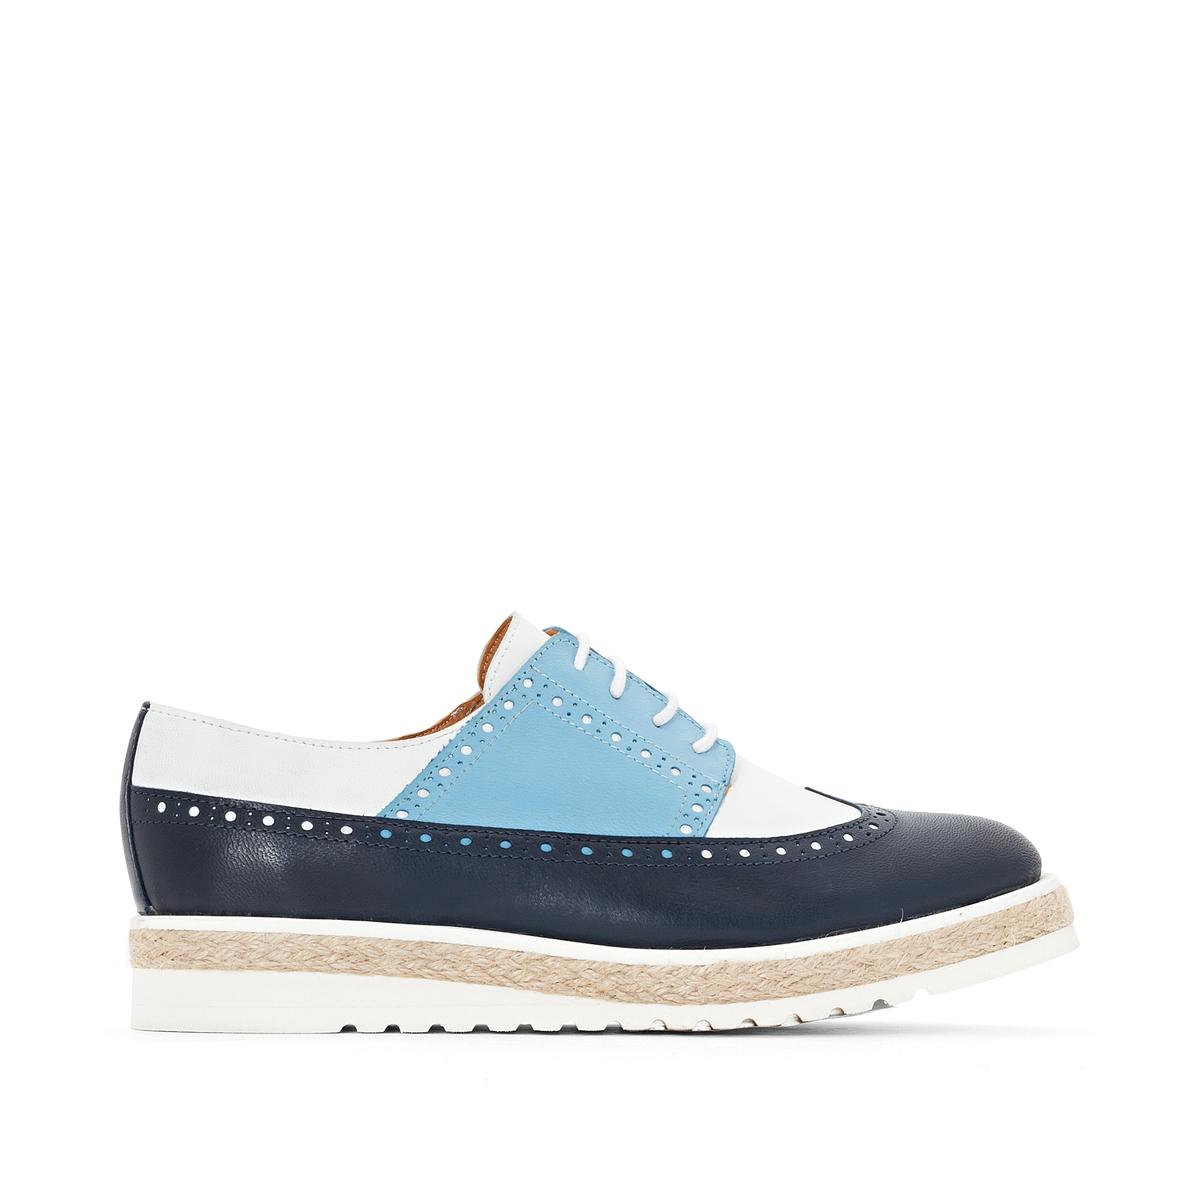 Ботинки-дерби La Redoute Кожаные трехцветные на танкетке 37 синий